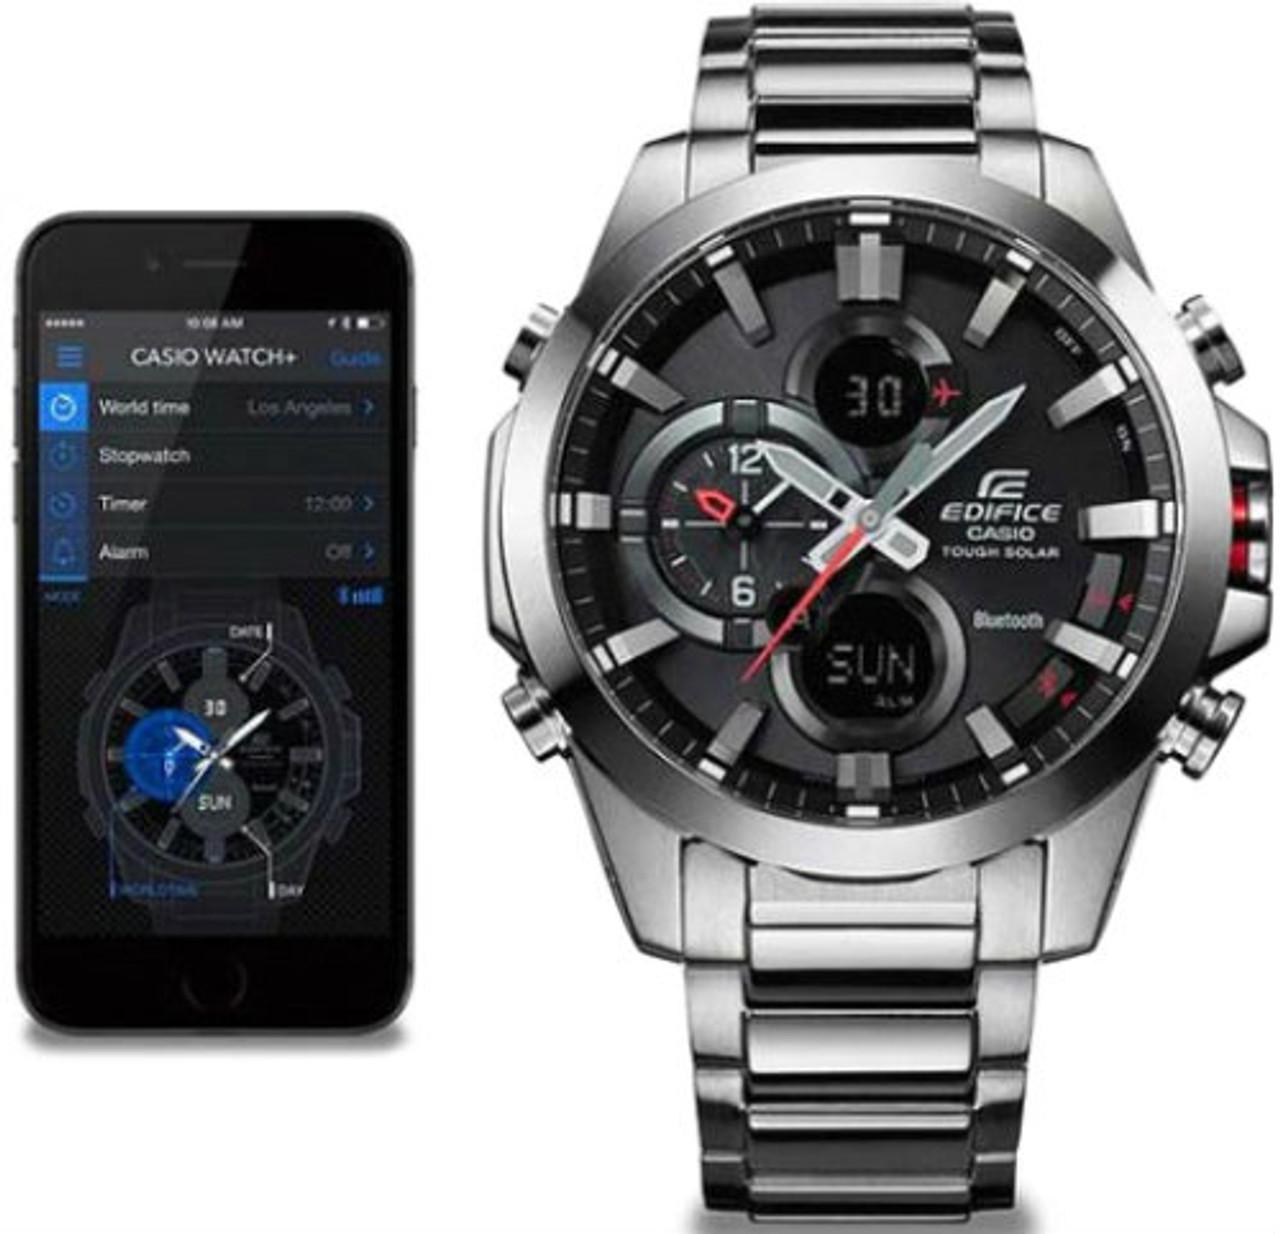 Solar Watch 500d Analogue Casio Ecb Tough Bluetooth 1aer Edifice u3TKJ5lF1c